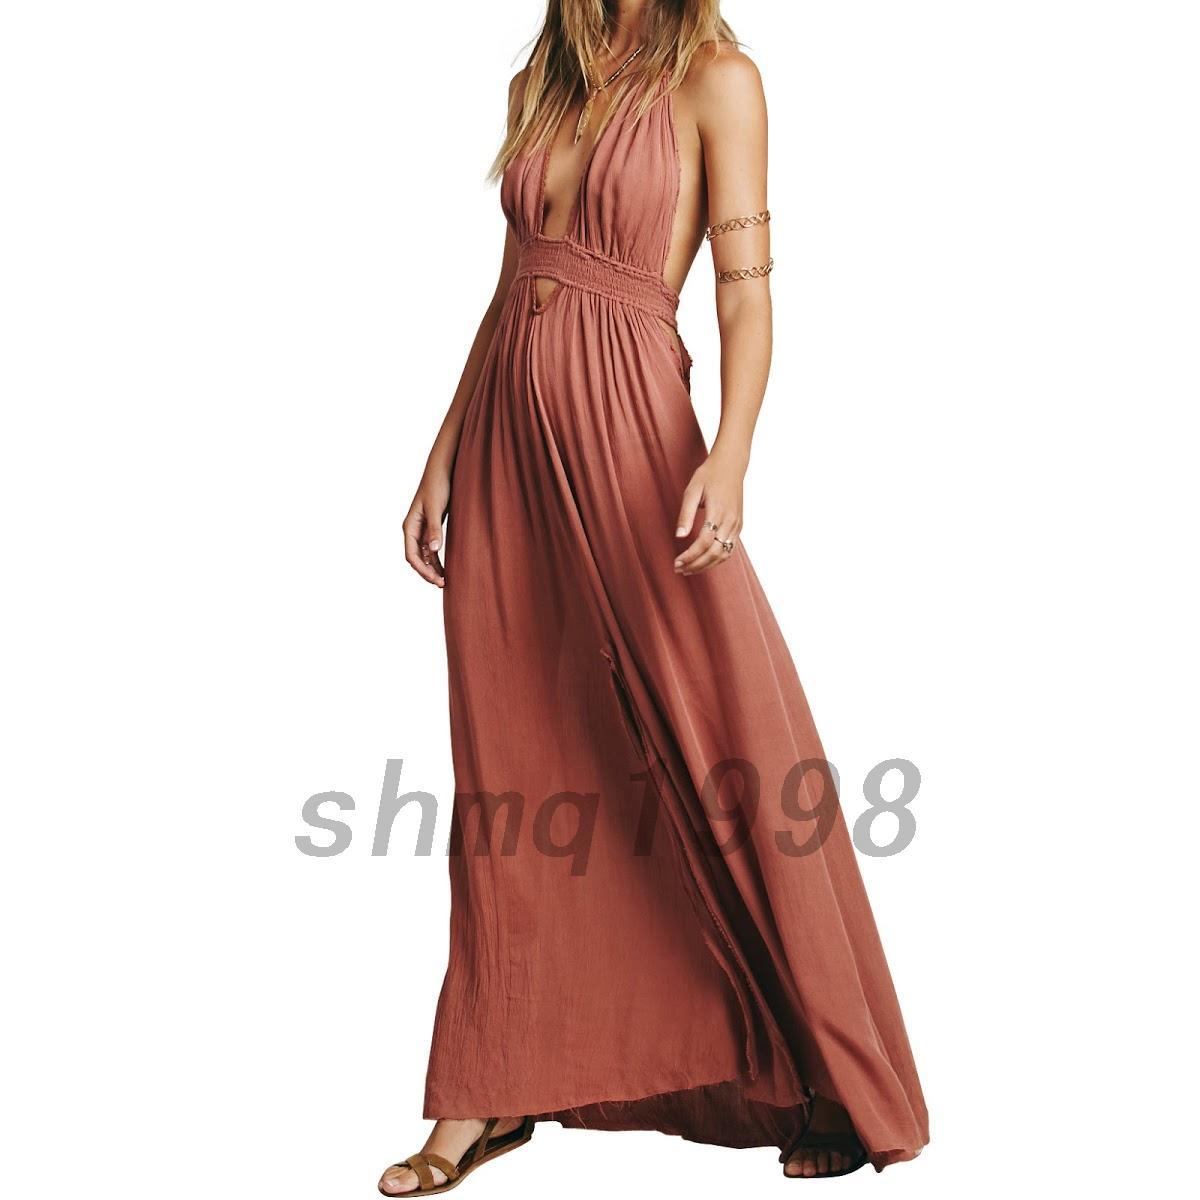 damen elegant lange sommerkleider r ckenfrei kleid ohne arm kleid maxikleid ebay. Black Bedroom Furniture Sets. Home Design Ideas